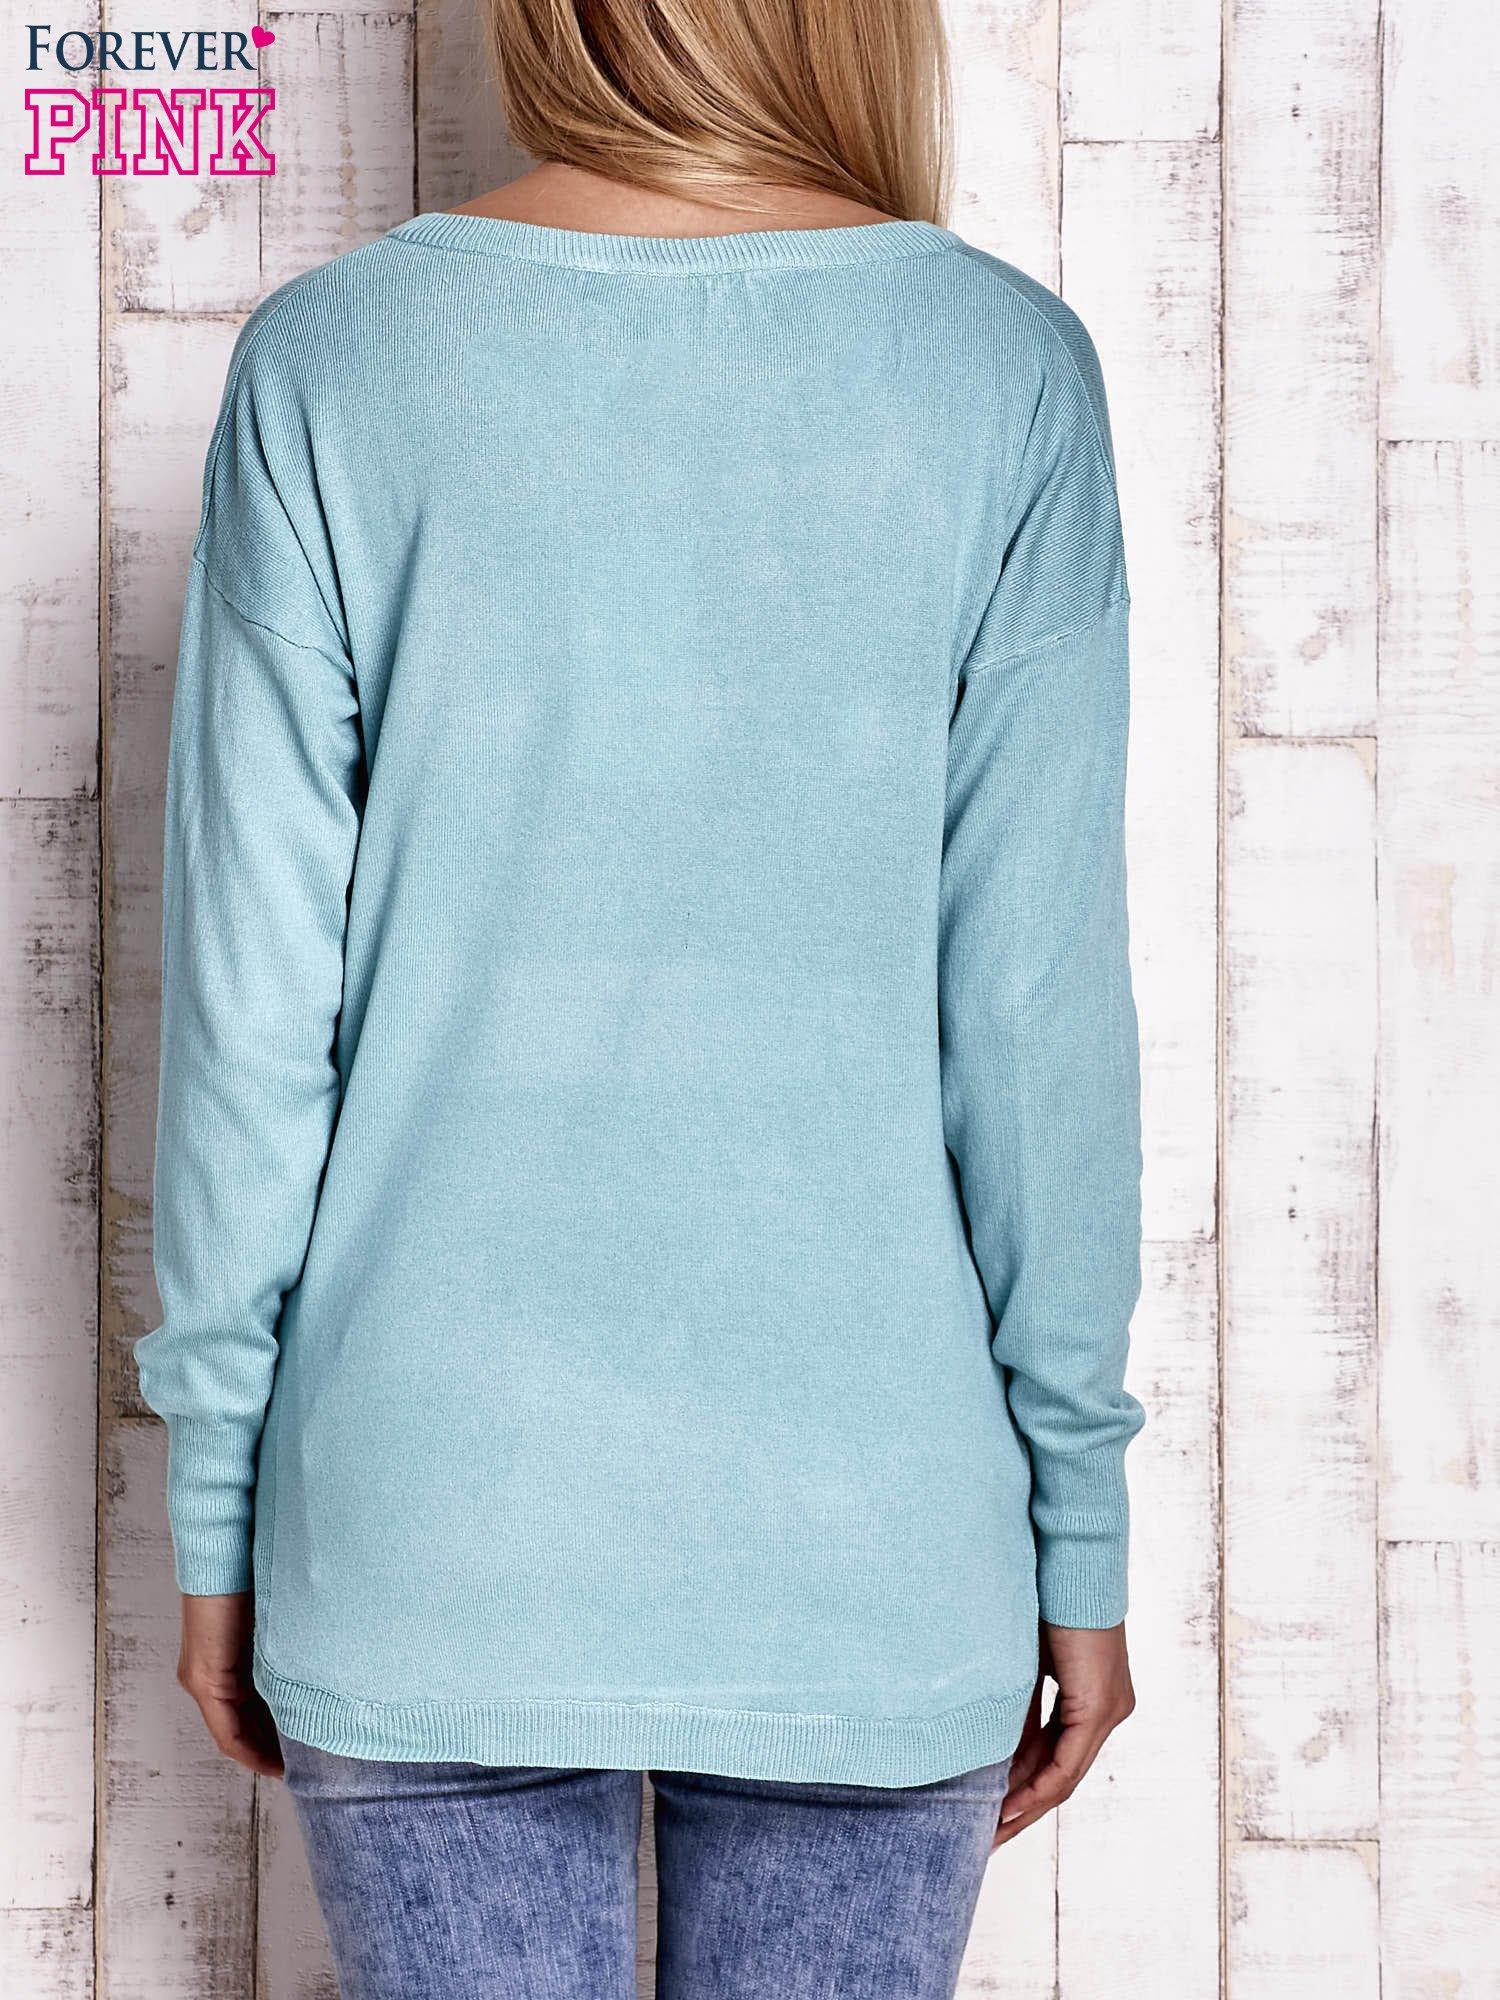 Jasnoturkusowy sweter z okrągłym dekoltem                                  zdj.                                  4